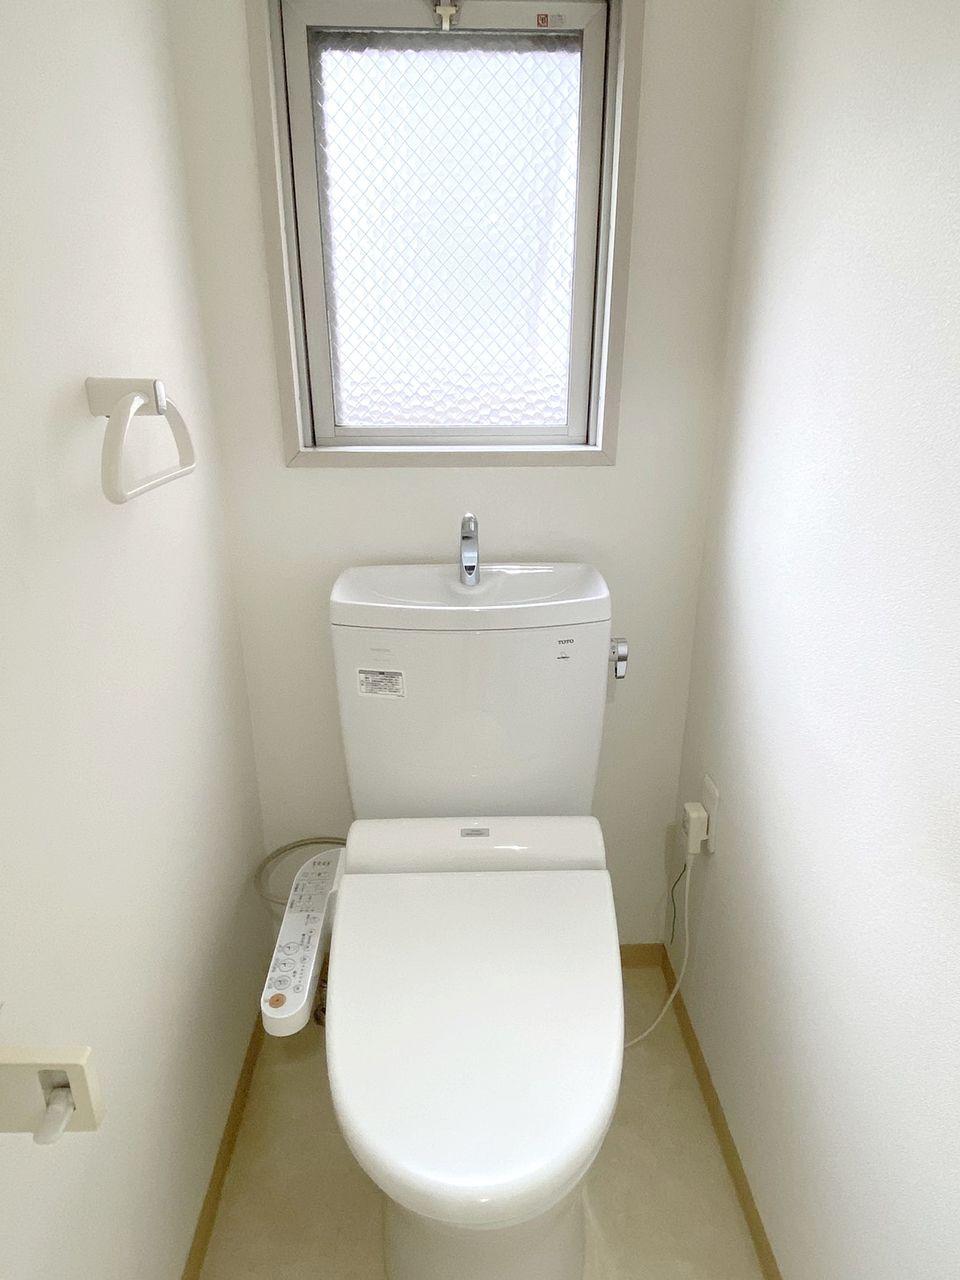 池袋の貸事務所 アゼリア青新ビル605号室 トイレに窓があり匂いがこもりません